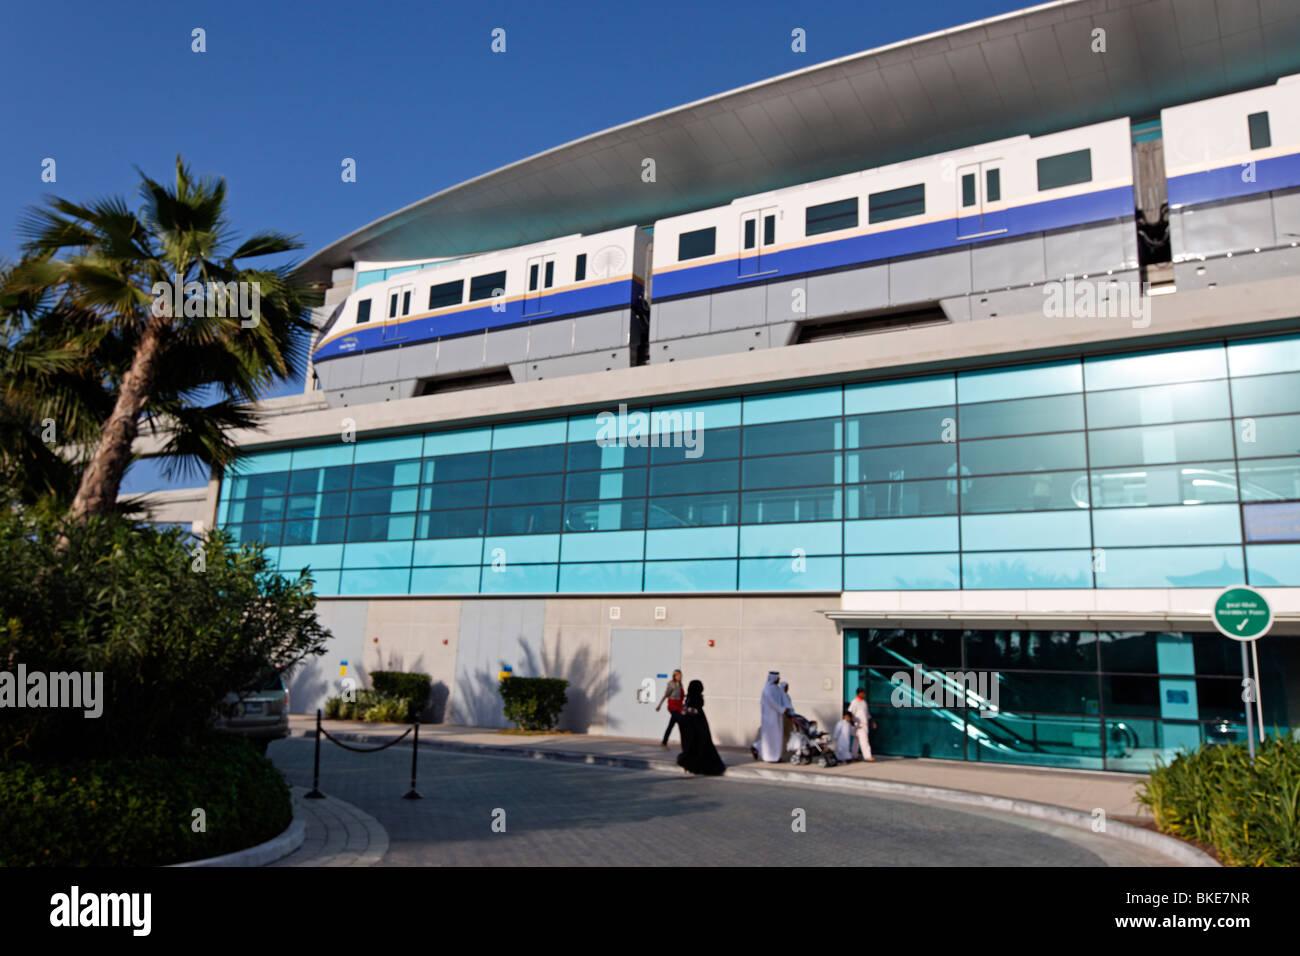 Stazione della metropolitana a Palm Jumeirah vicino a Atlantis Hotel a Dubai, Emirati Arabi Uniti Immagini Stock